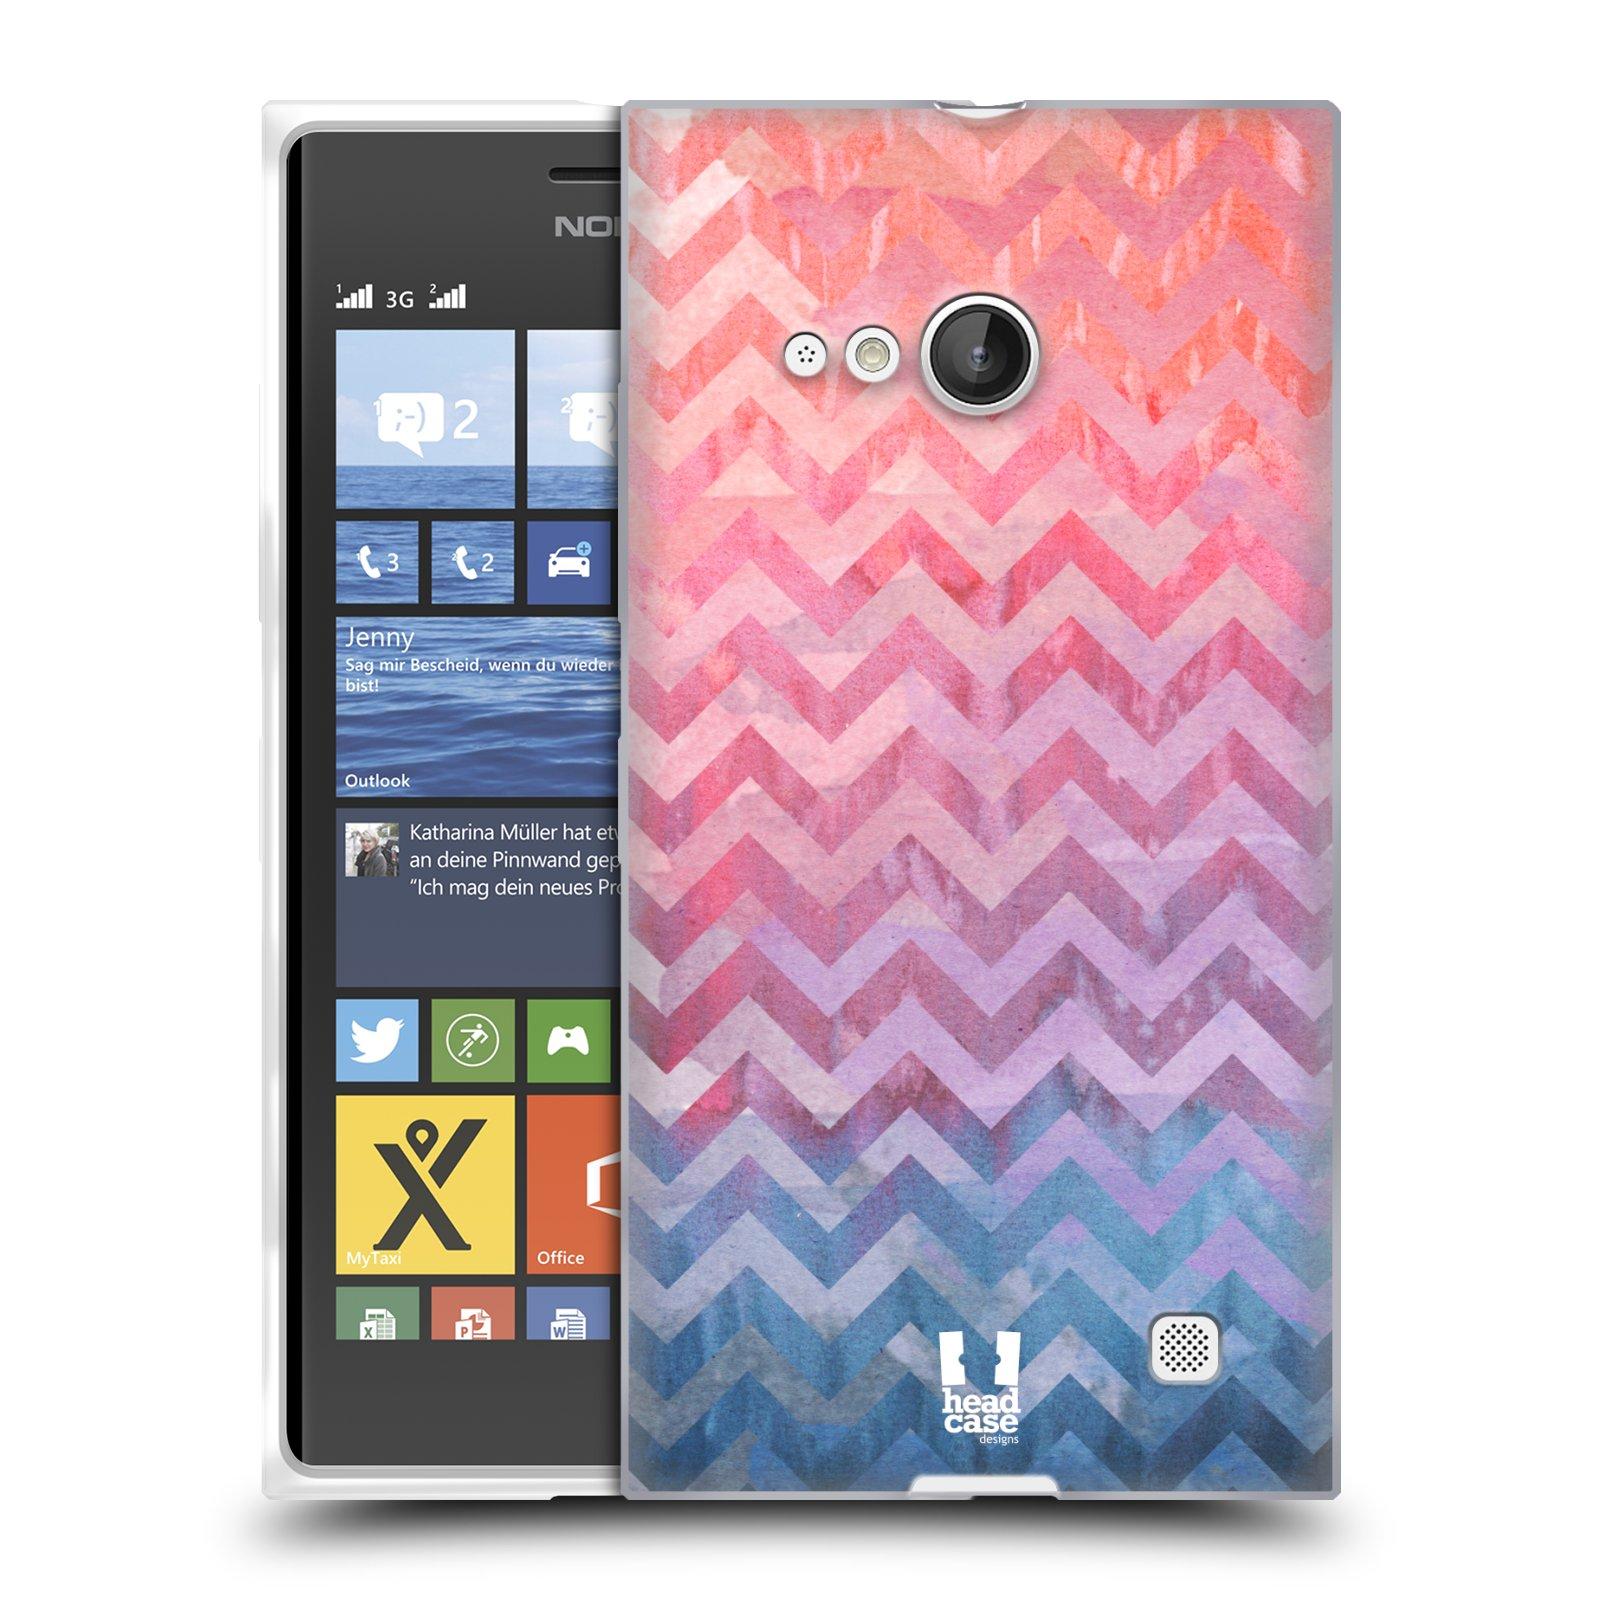 Silikonové pouzdro na mobil Nokia Lumia 730 Dual SIM HEAD CASE Pink Chevron (Silikonový kryt či obal na mobilní telefon Nokia Lumia 730 Dual SIM)